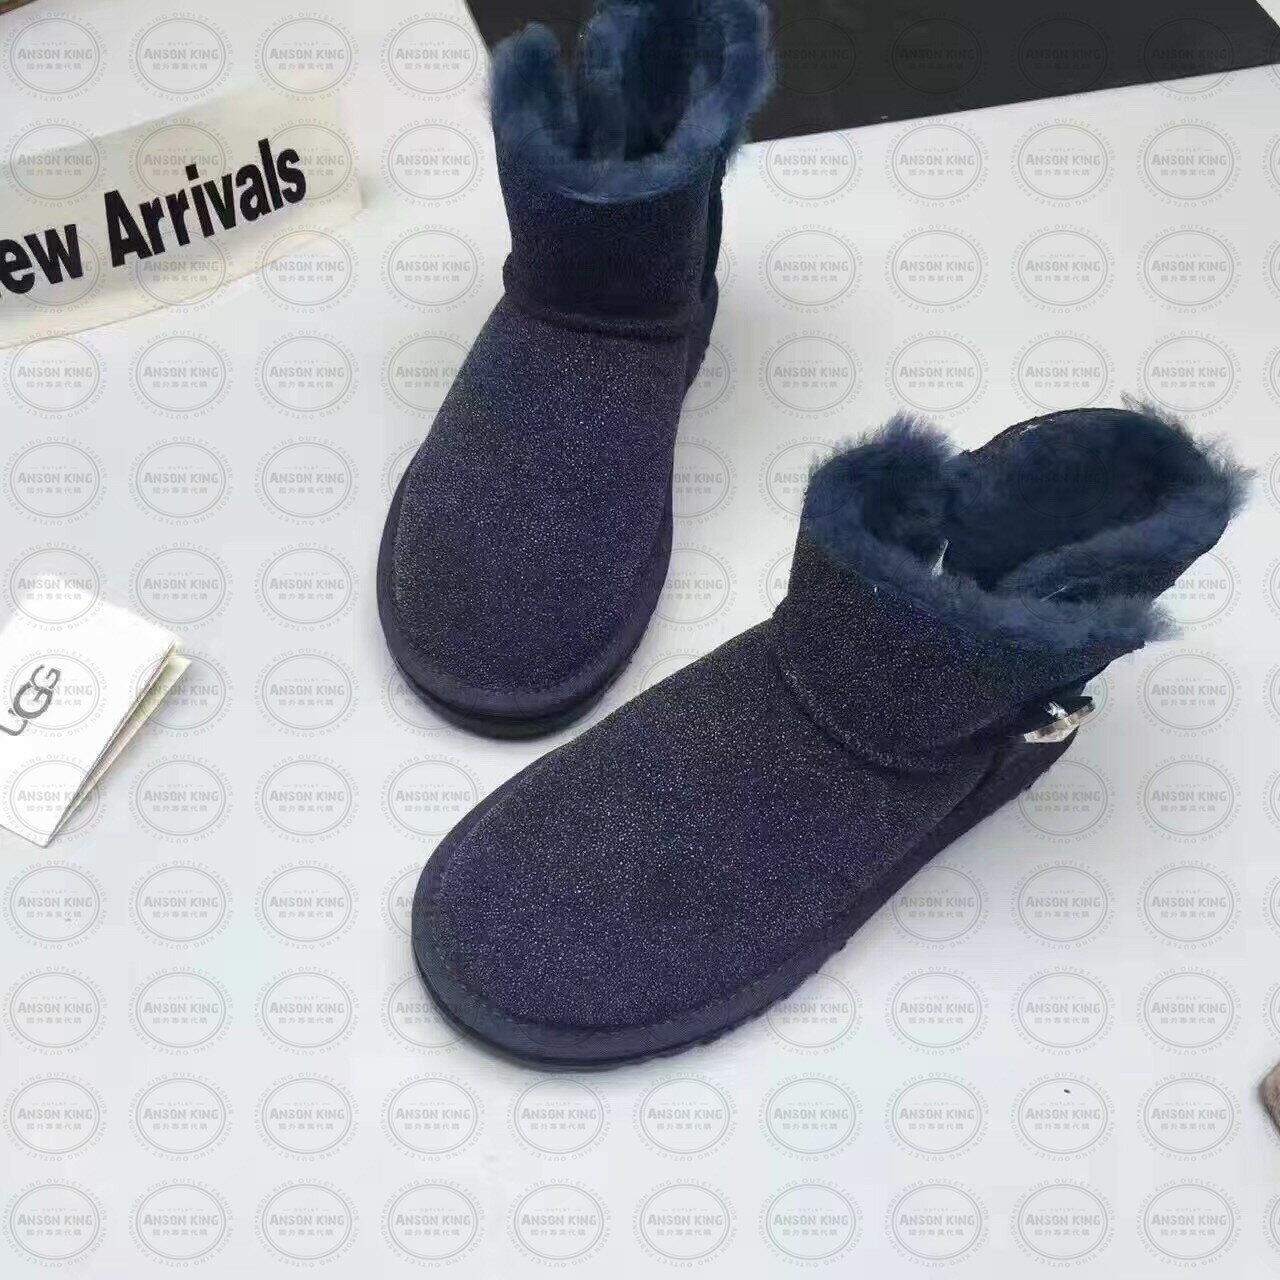 OUTLET正品代購 澳洲 UGG 明星同款水晶扣短靴 保暖 真皮羊皮毛 雪靴 短靴 藍色 1